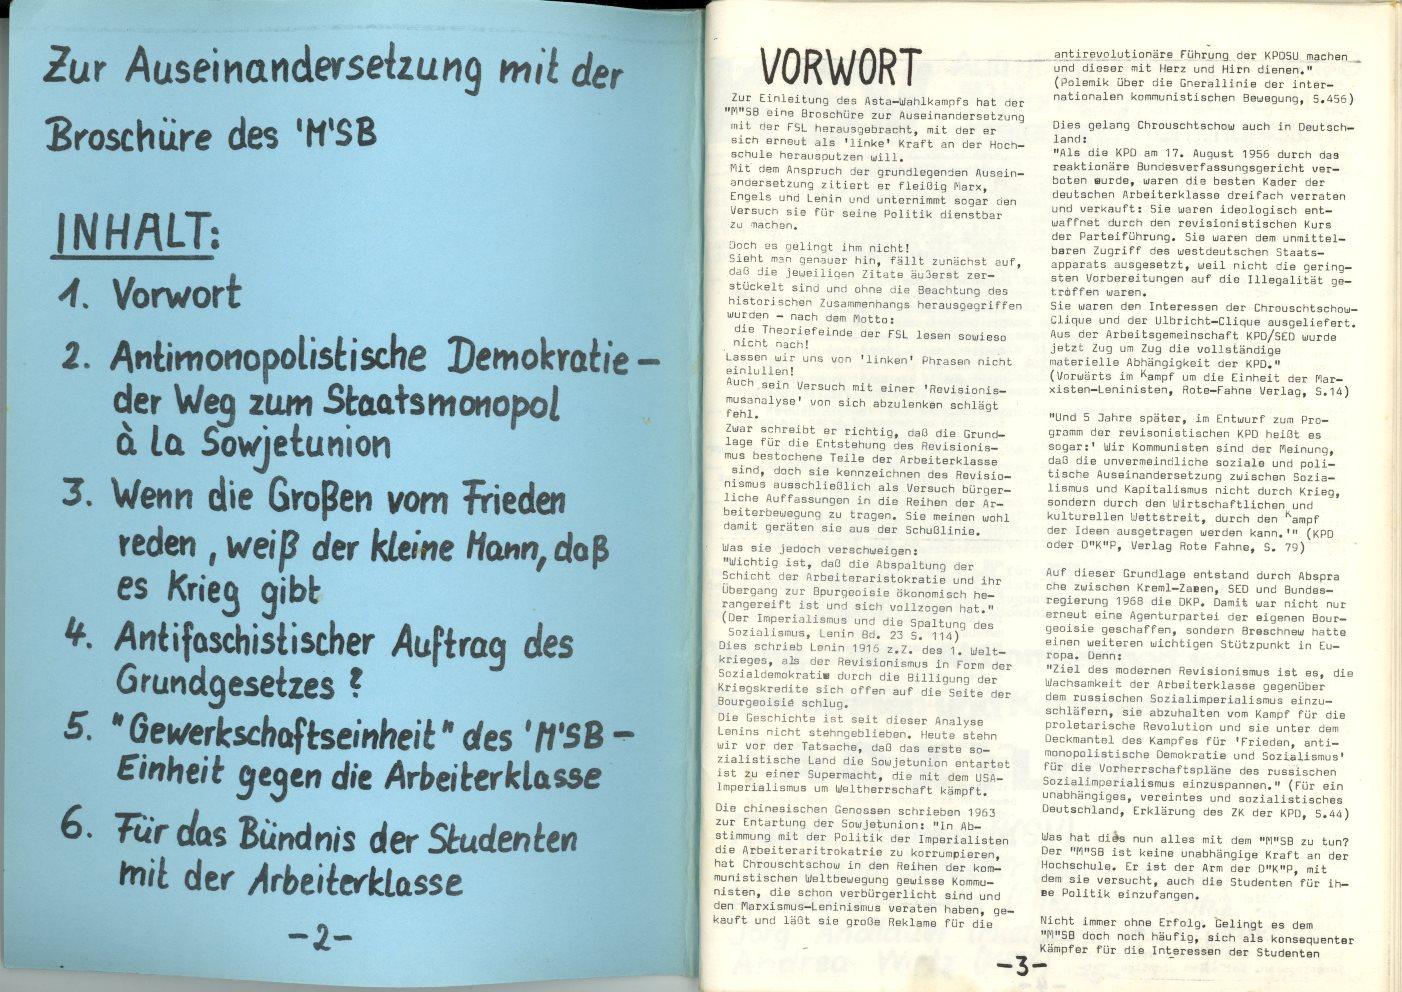 NRW_KSV_1977_Doku_zu_den_AStA_Wahlen_Nr_2_02